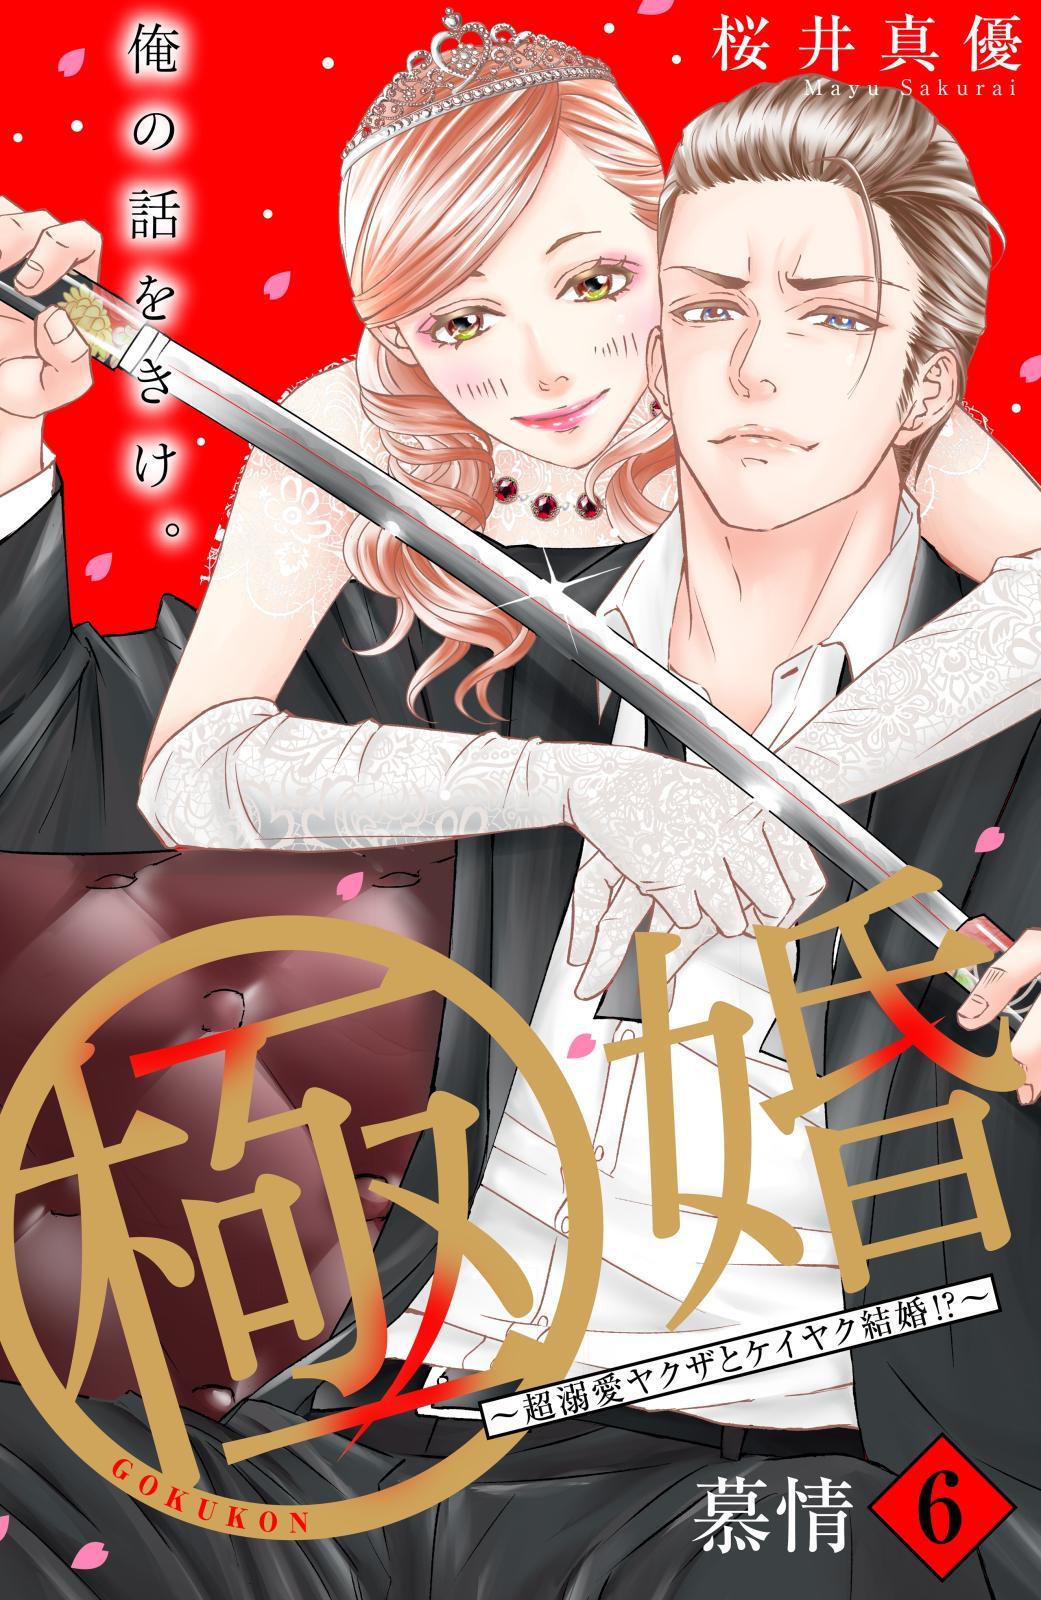 極婚~超溺愛ヤクザとケイヤク結婚!?~ 分冊版(6)